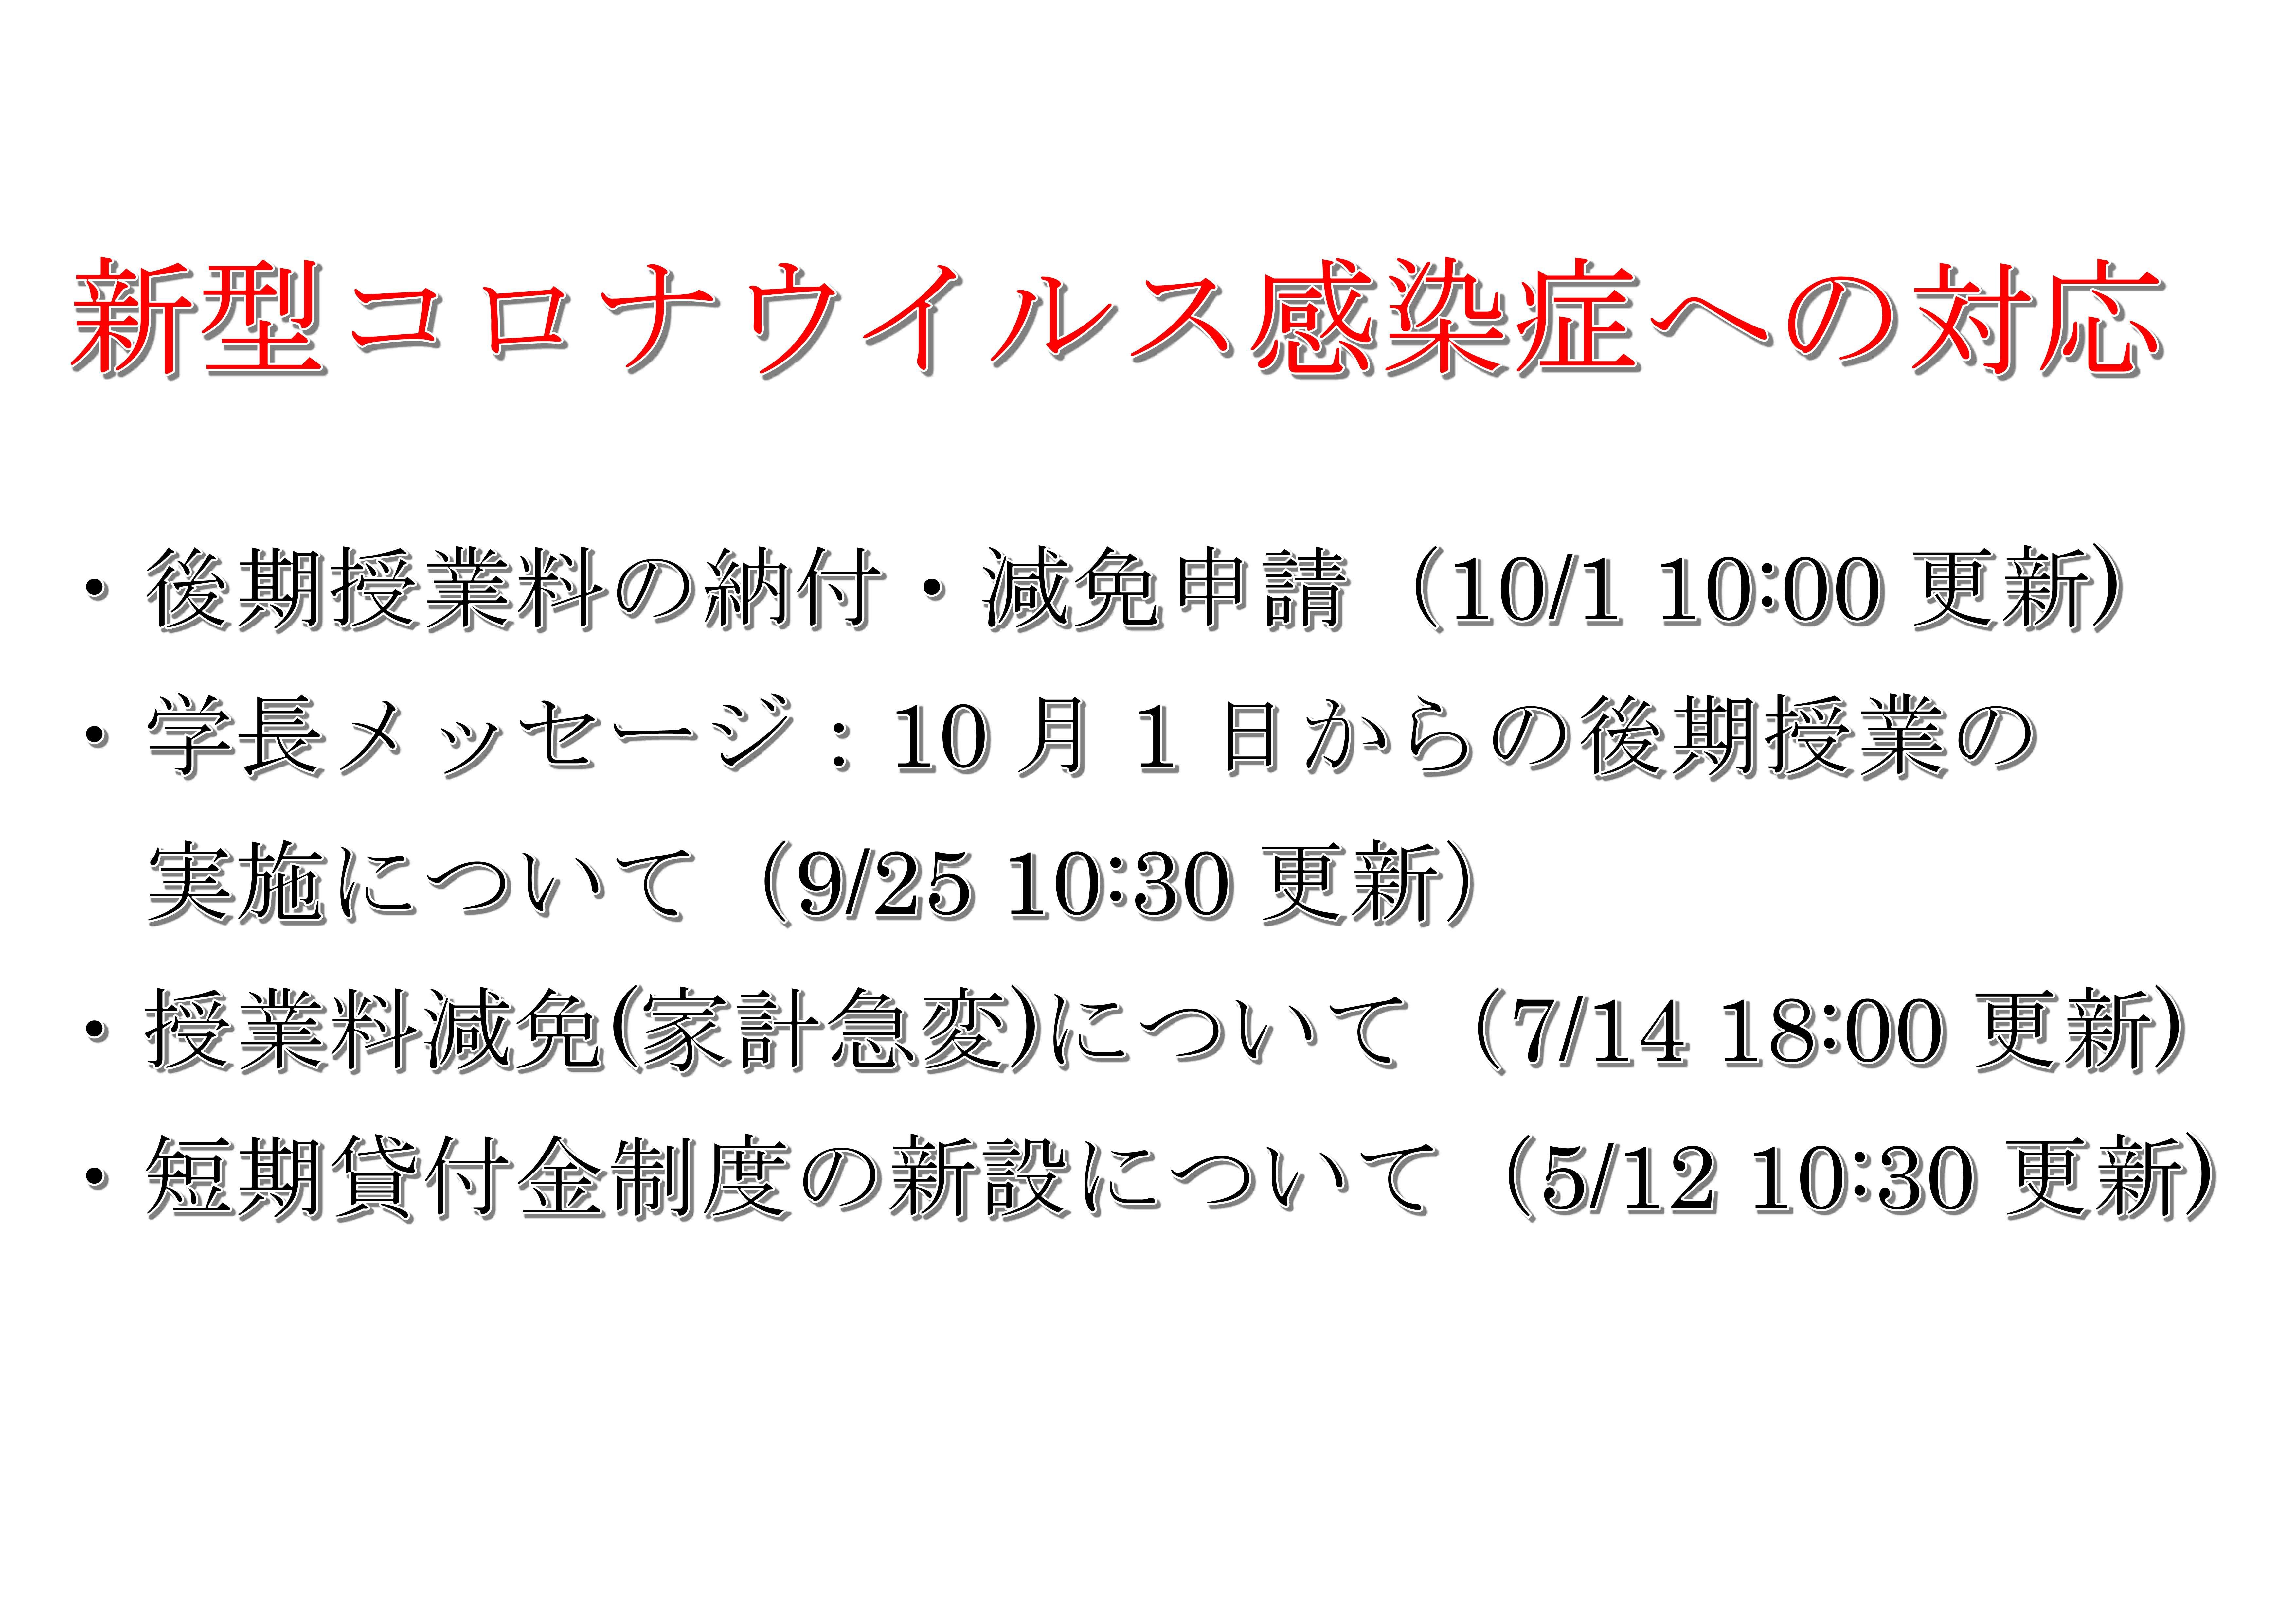 新型コロナウイルスに関する対応について(10/22 9:30更新)